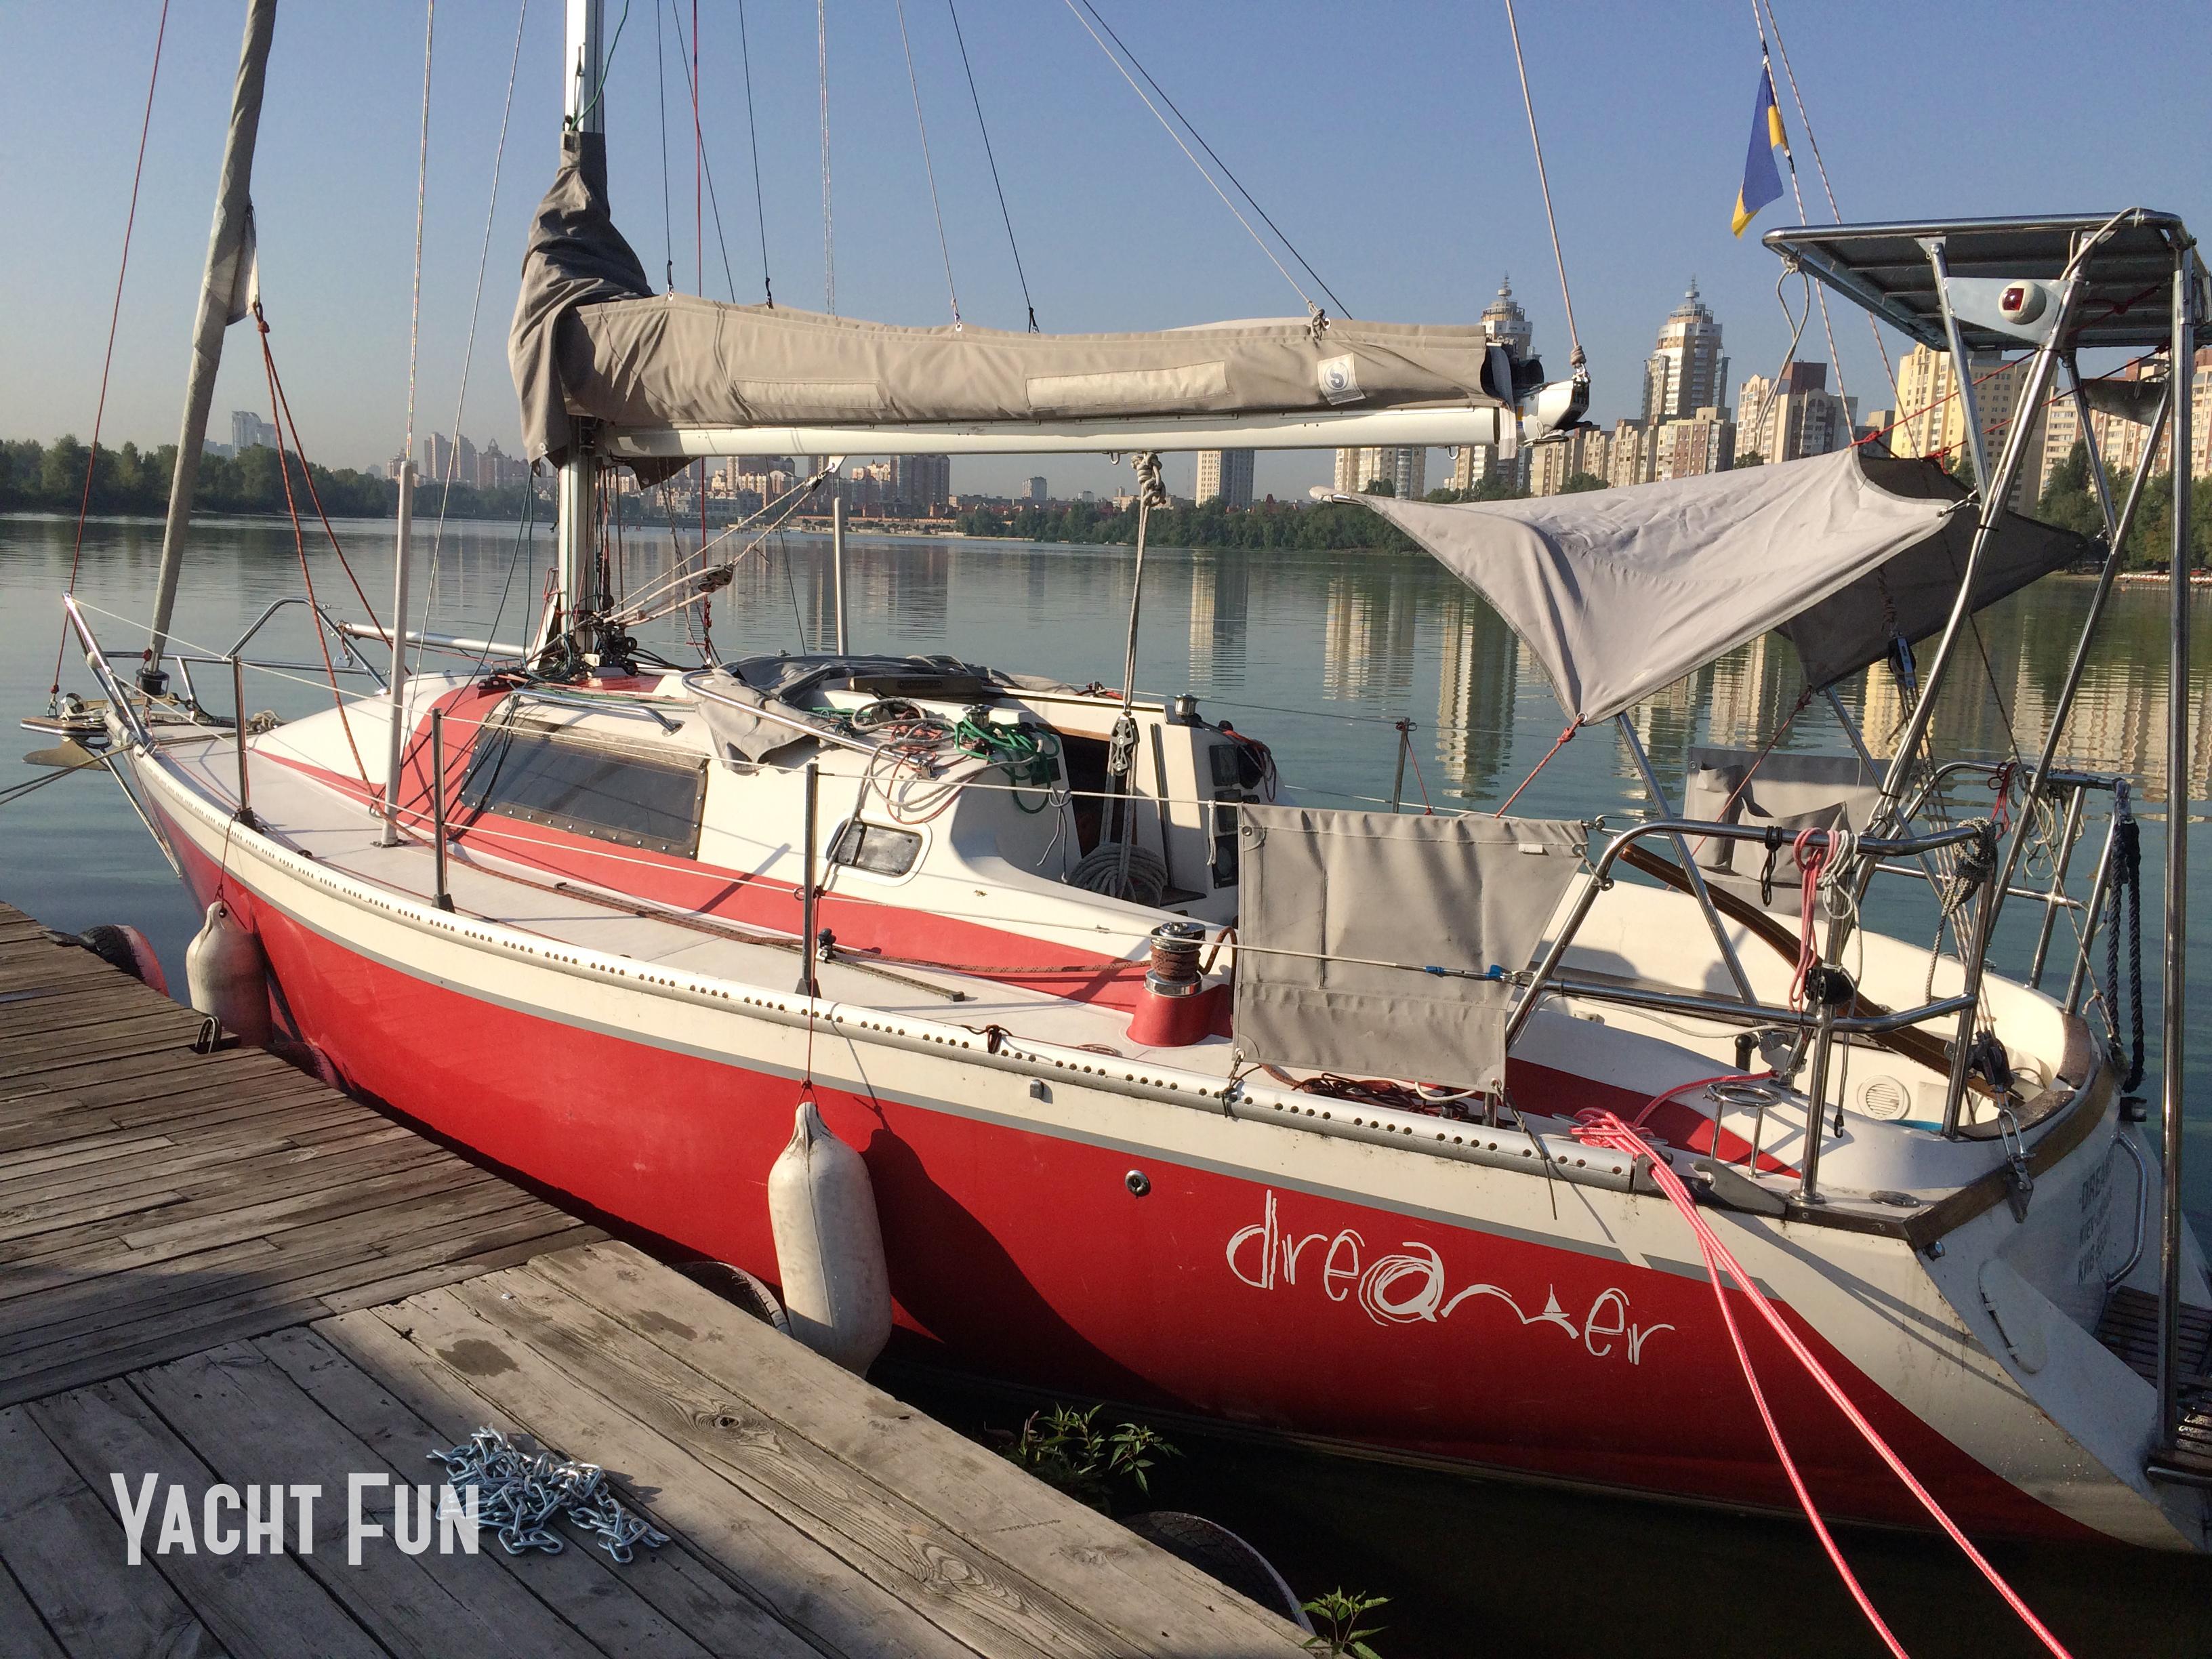 Dreamer (24) YachtFun